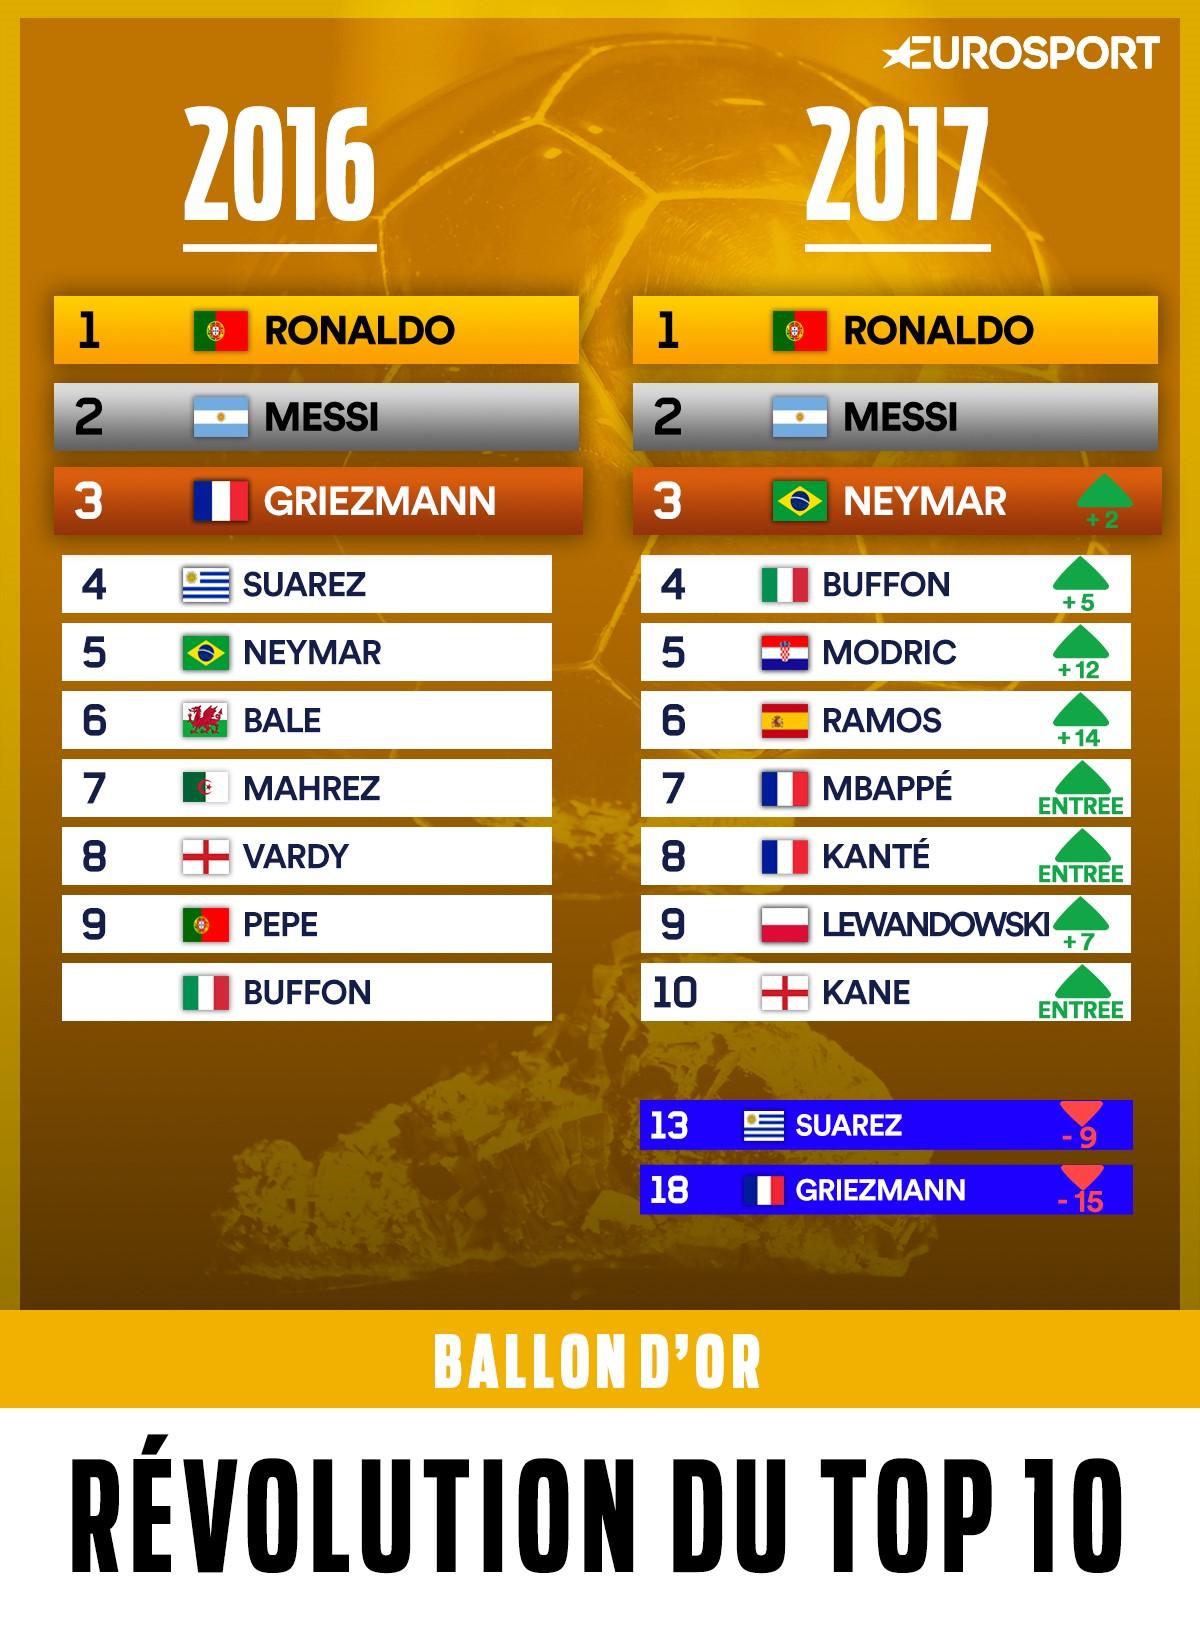 Les changements dans le Top 10 Mondial